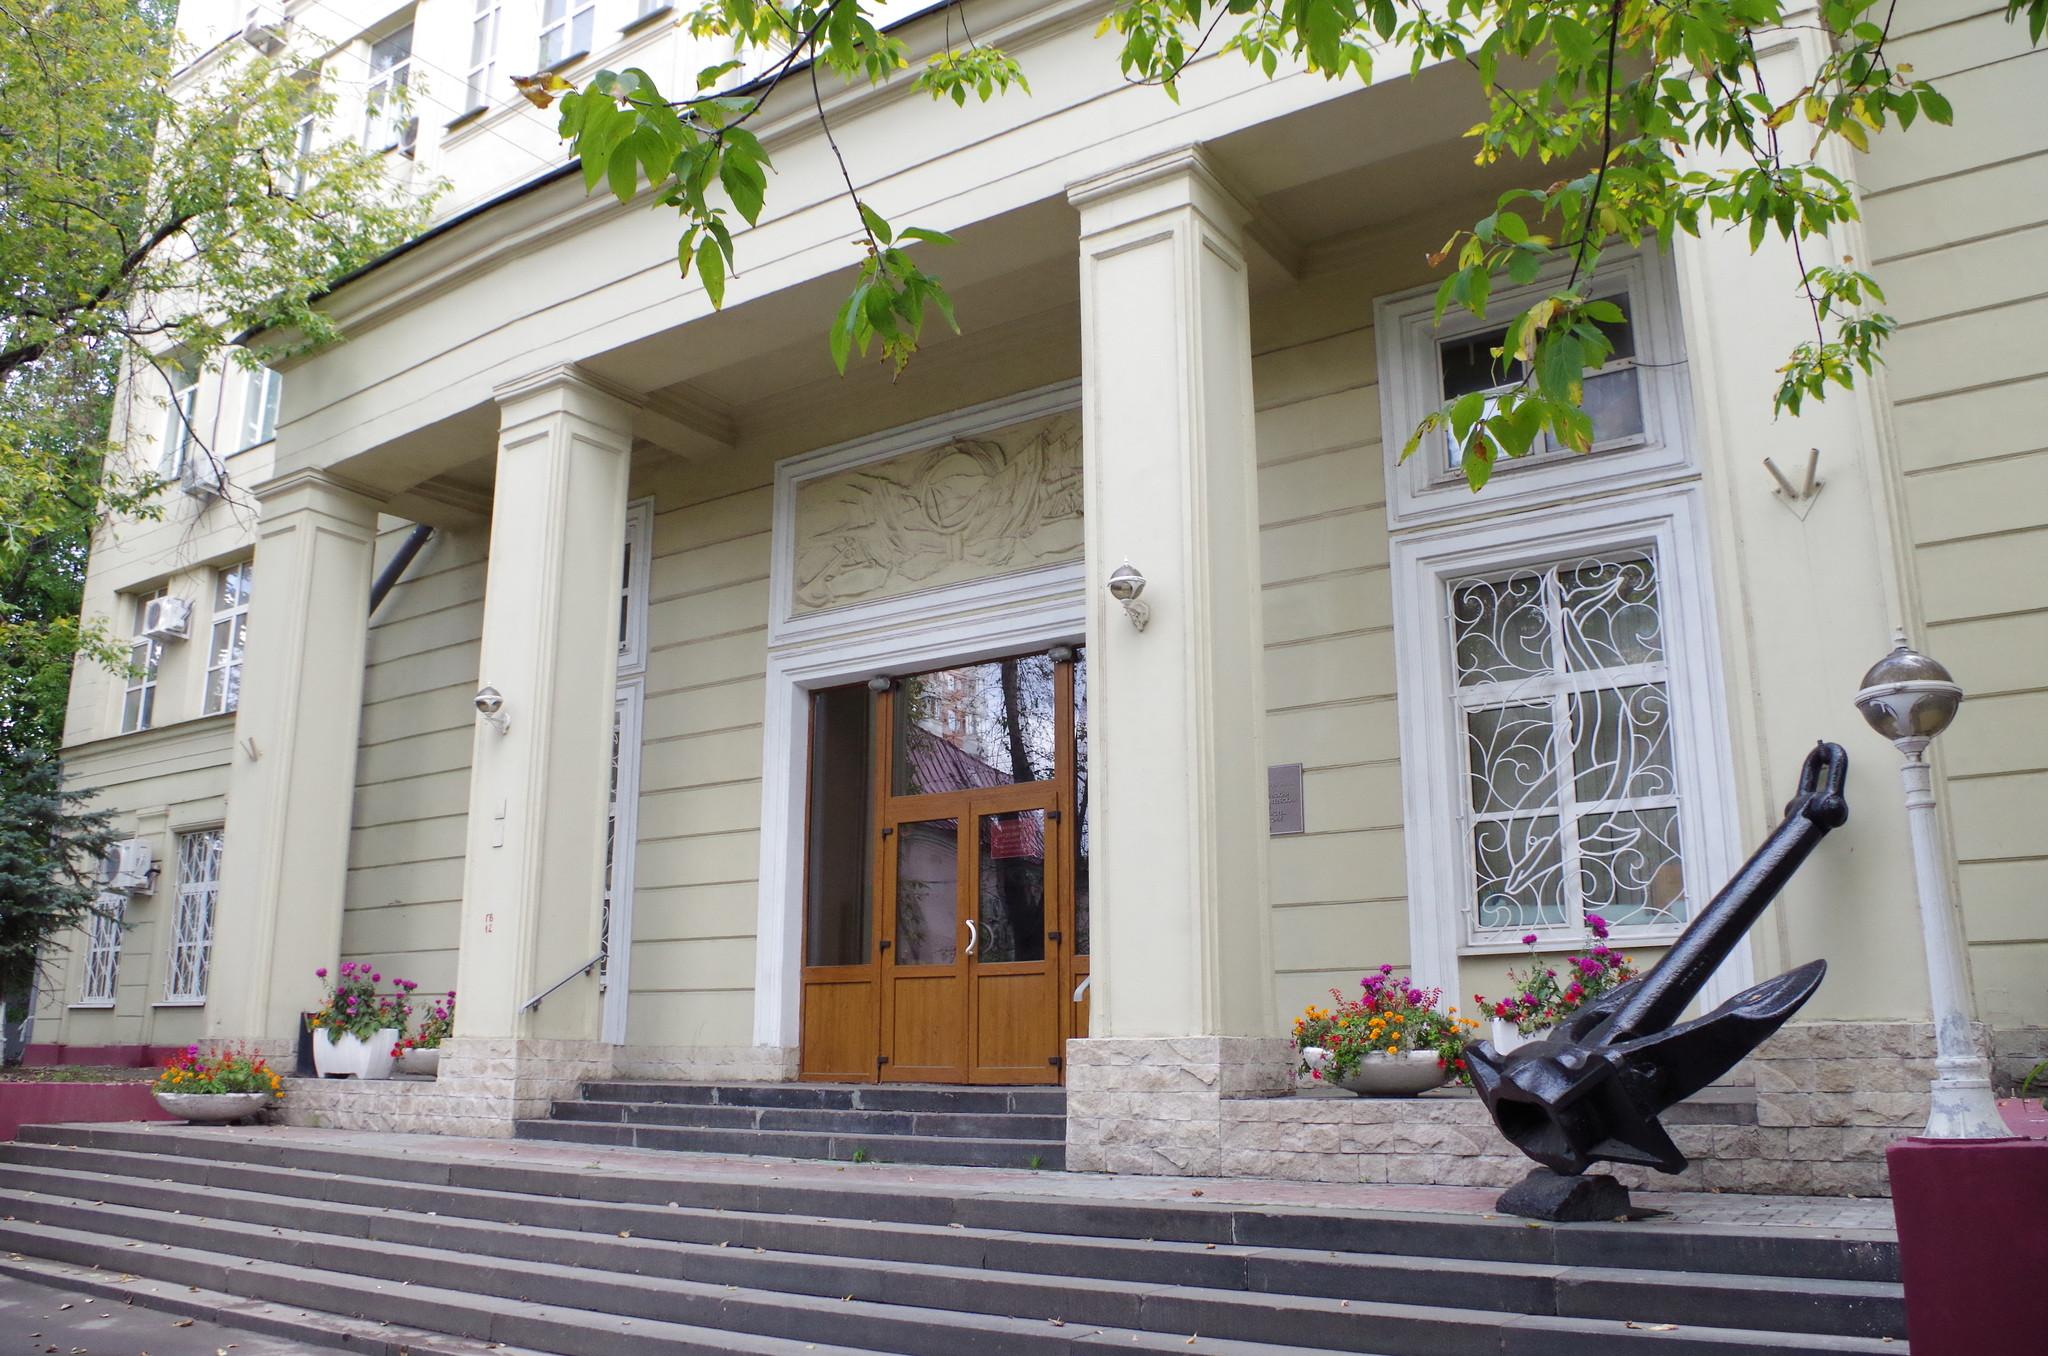 Всероссийский научно-исследовательский институт рыбного хозяйства и океанографии